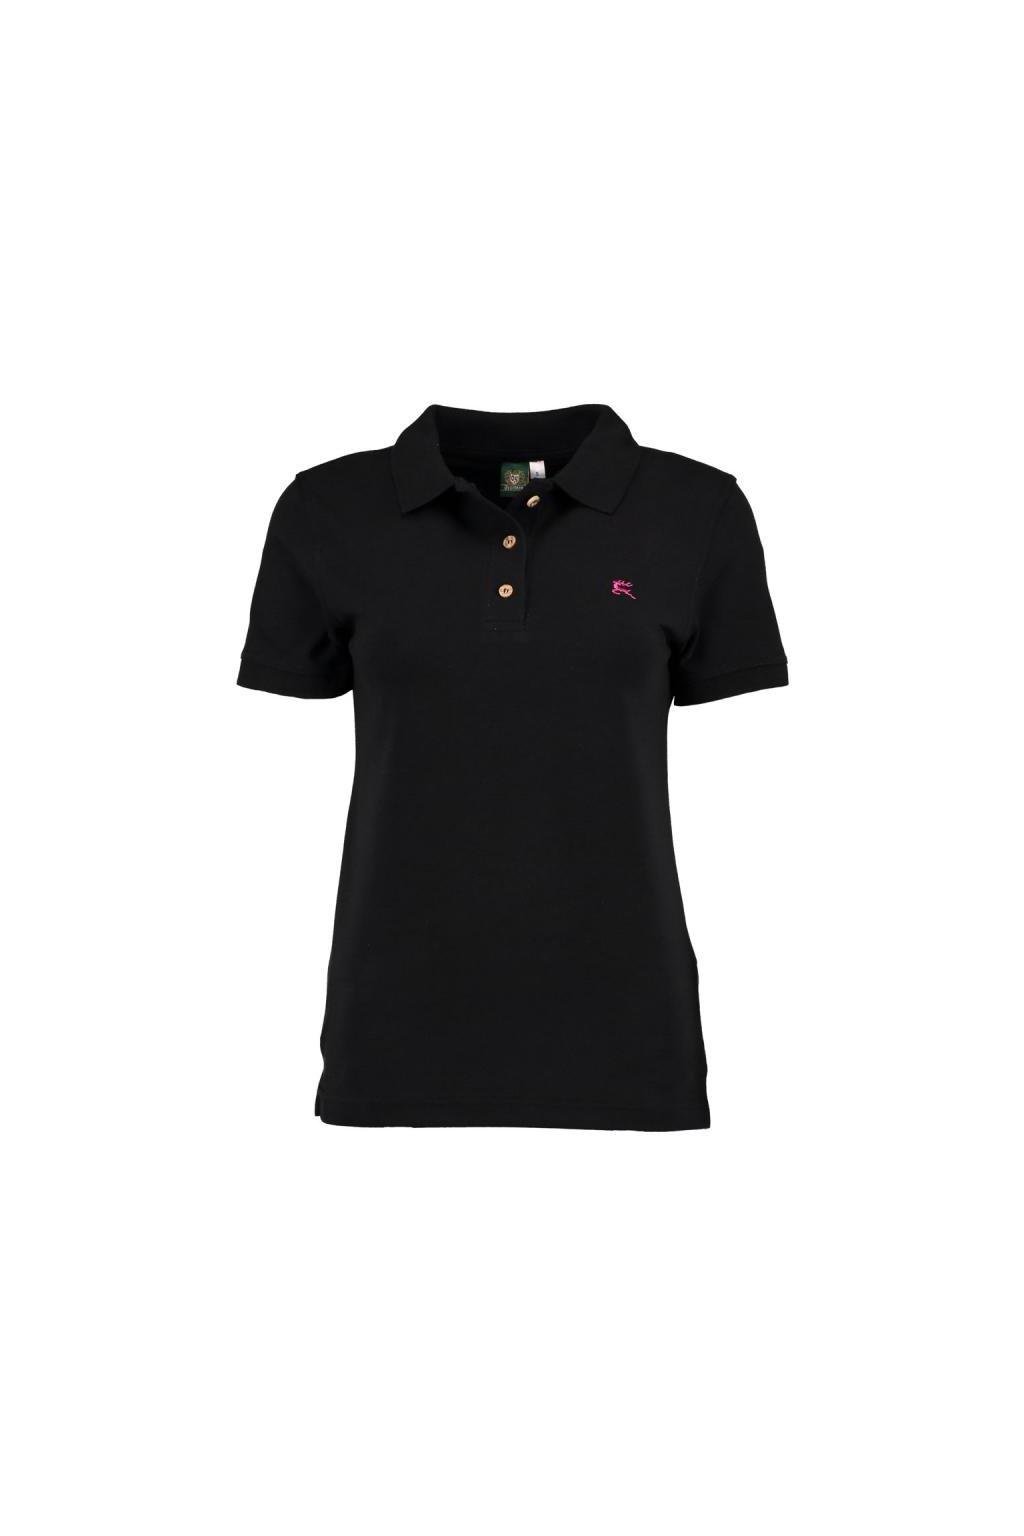 Orbis - polo triko dámské černé